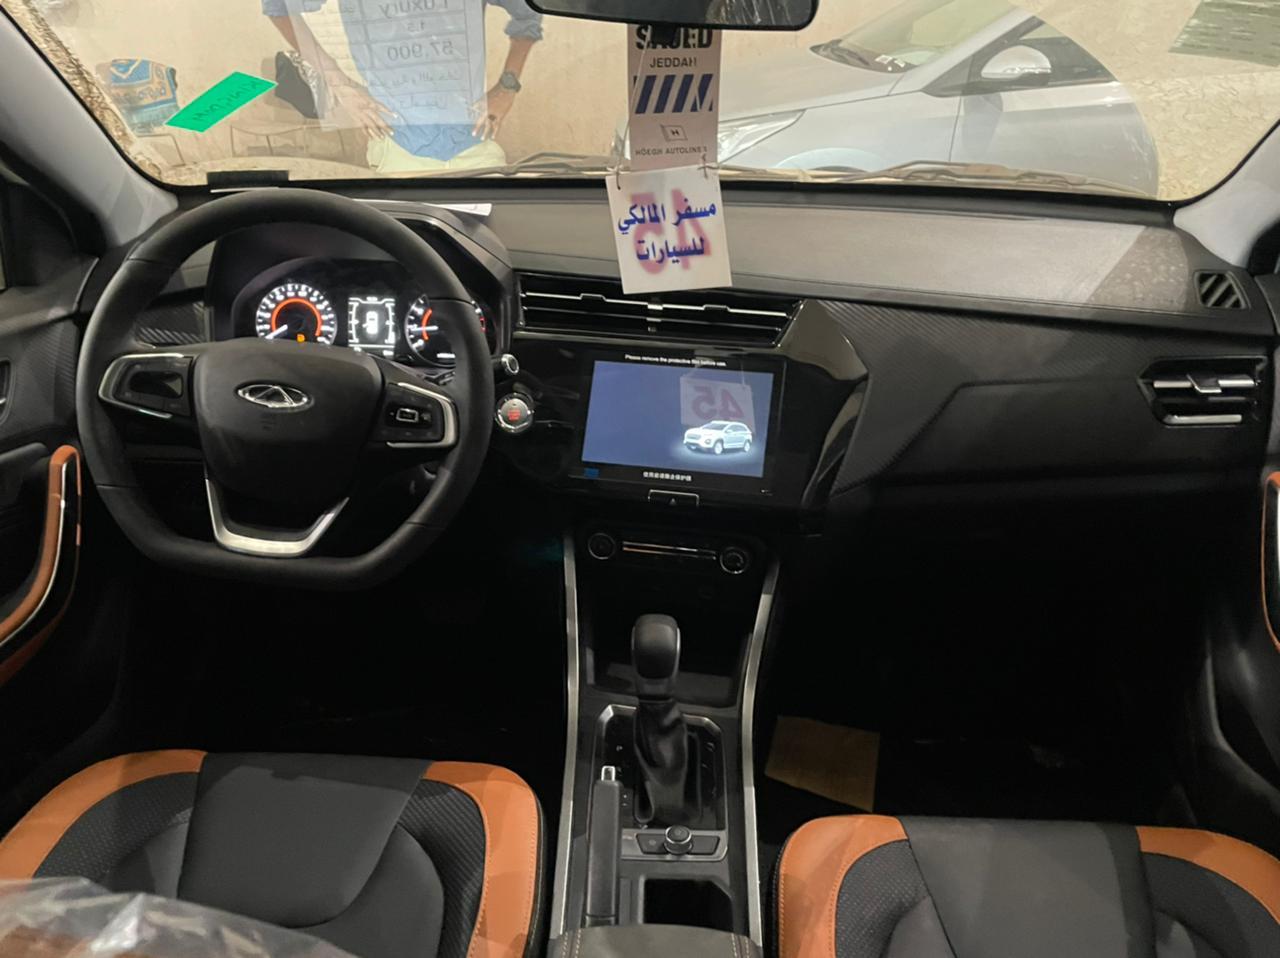 شيري تيجوو 2 نص فل 2021  سعودي جديد للبيع في جدة - السعودية - صورة كبيرة - 16